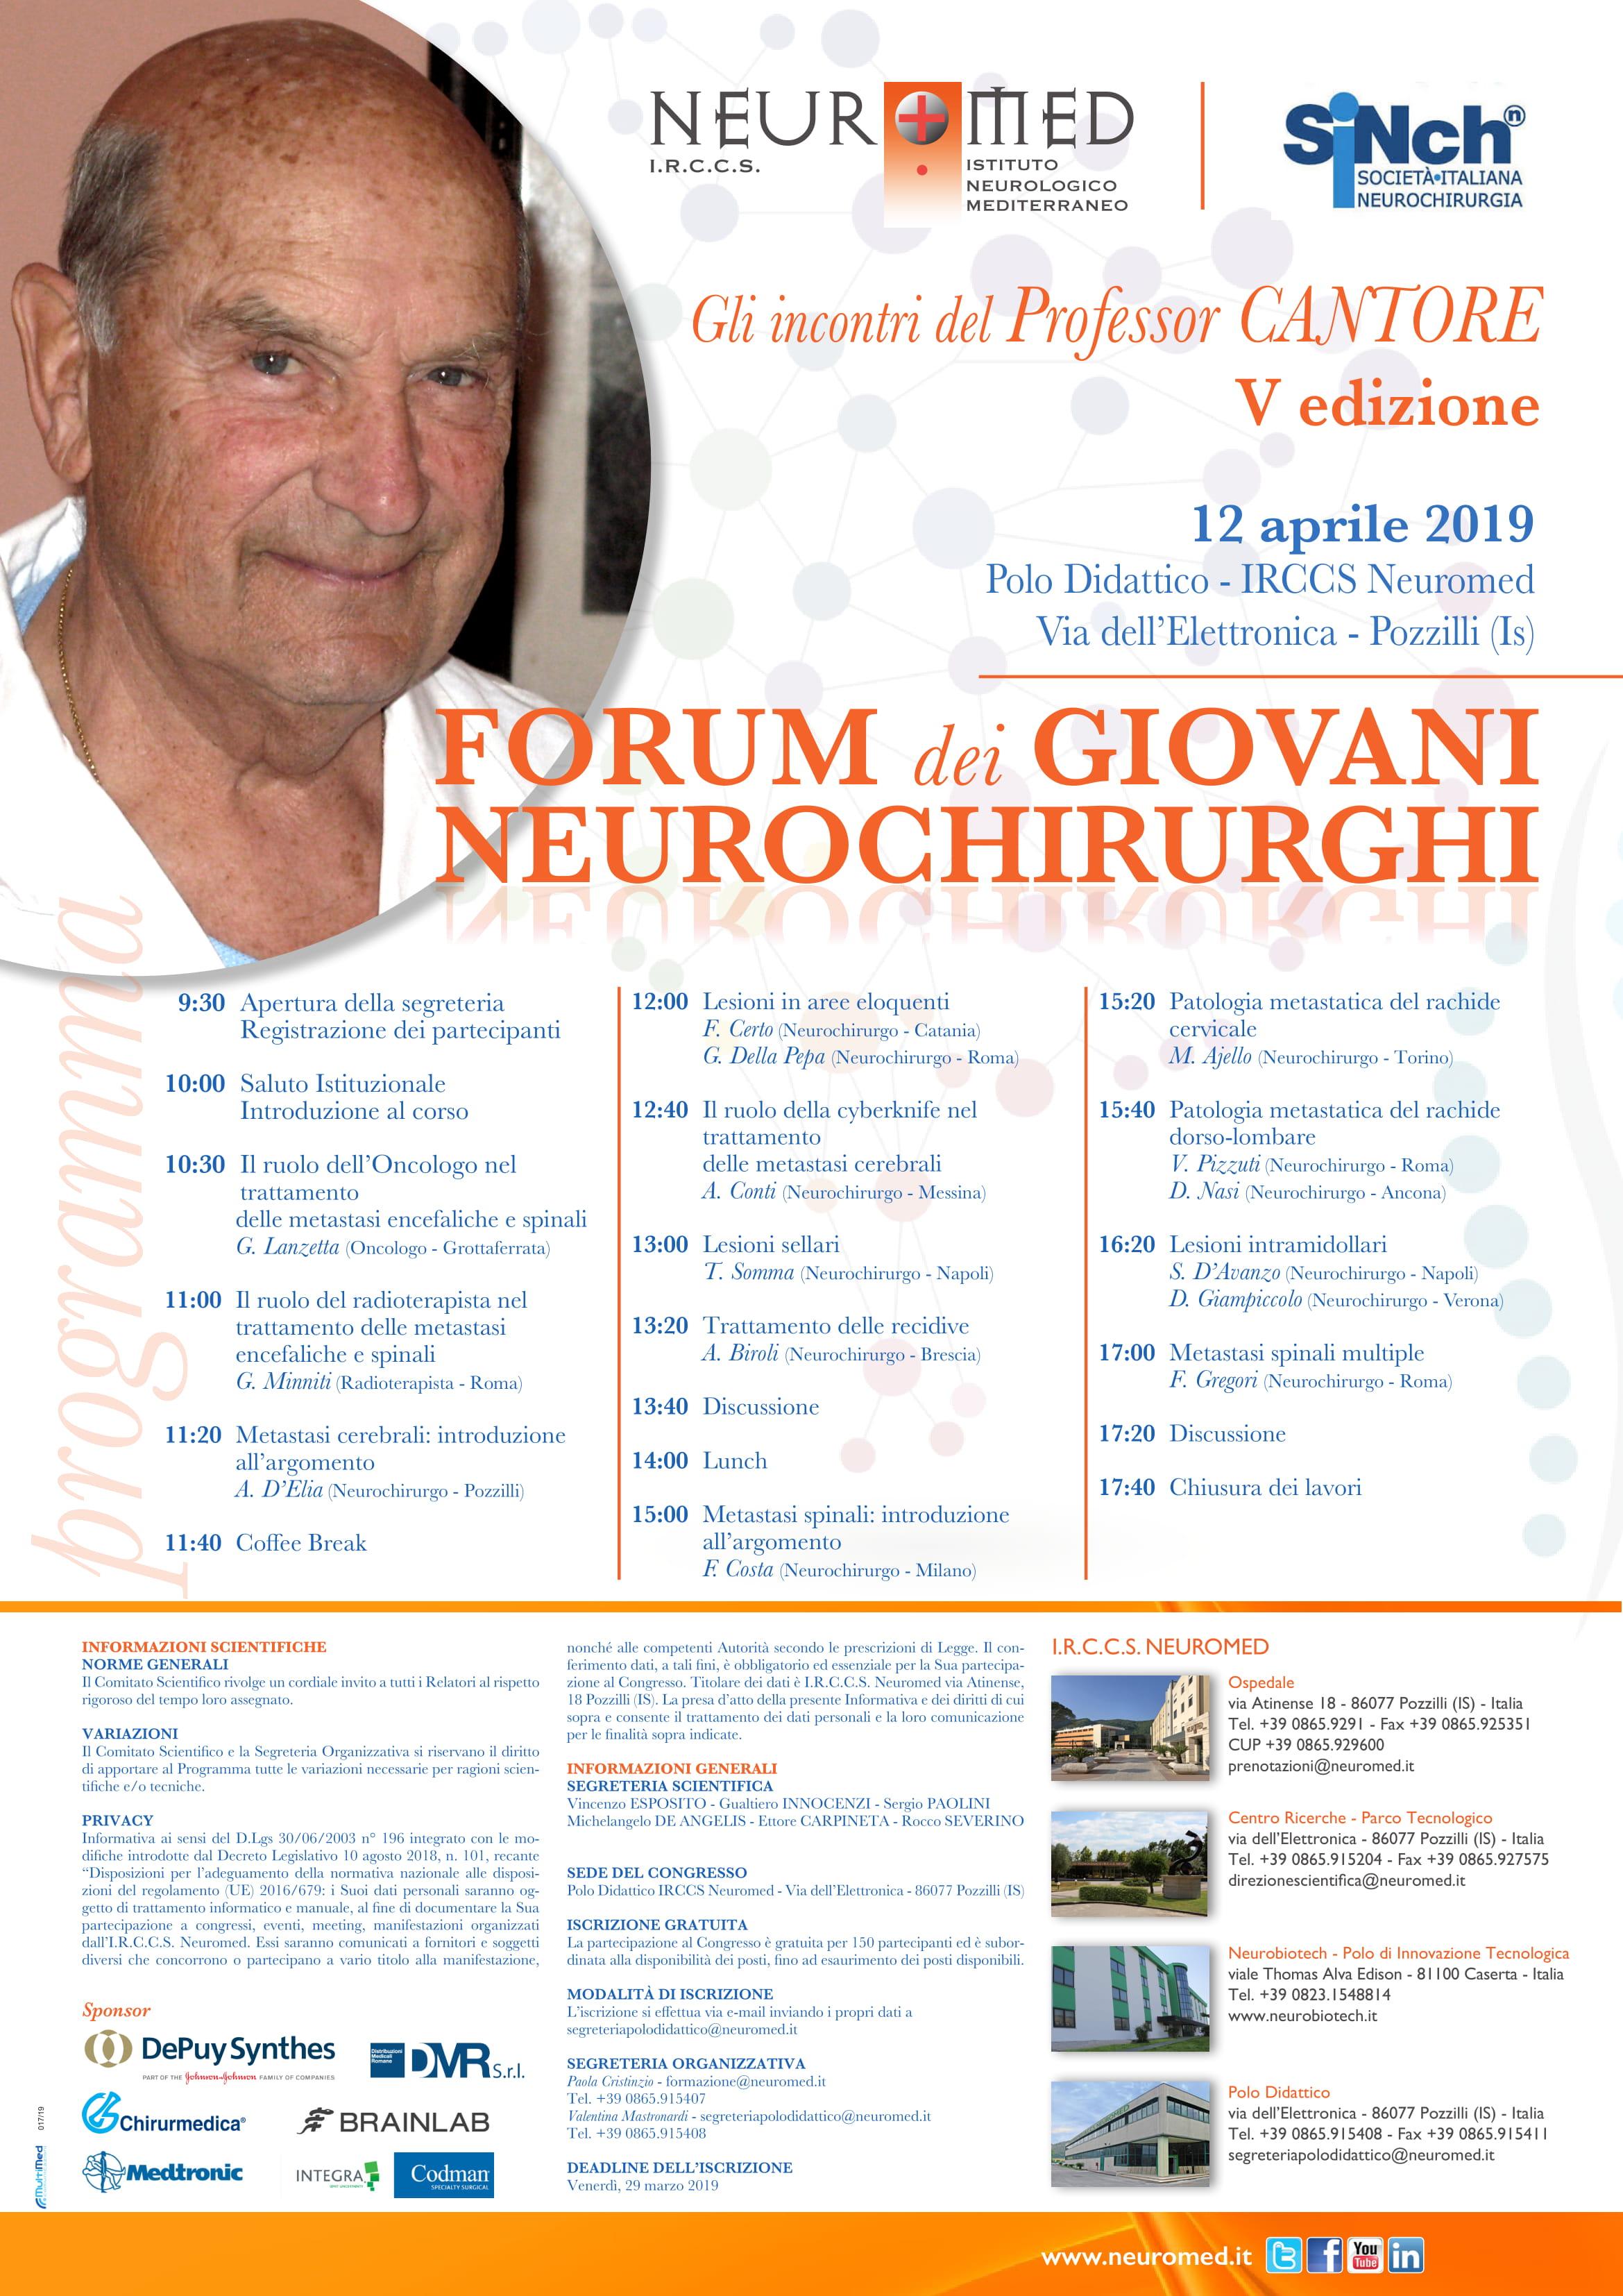 017-19 locandina Memorial Cantore-1